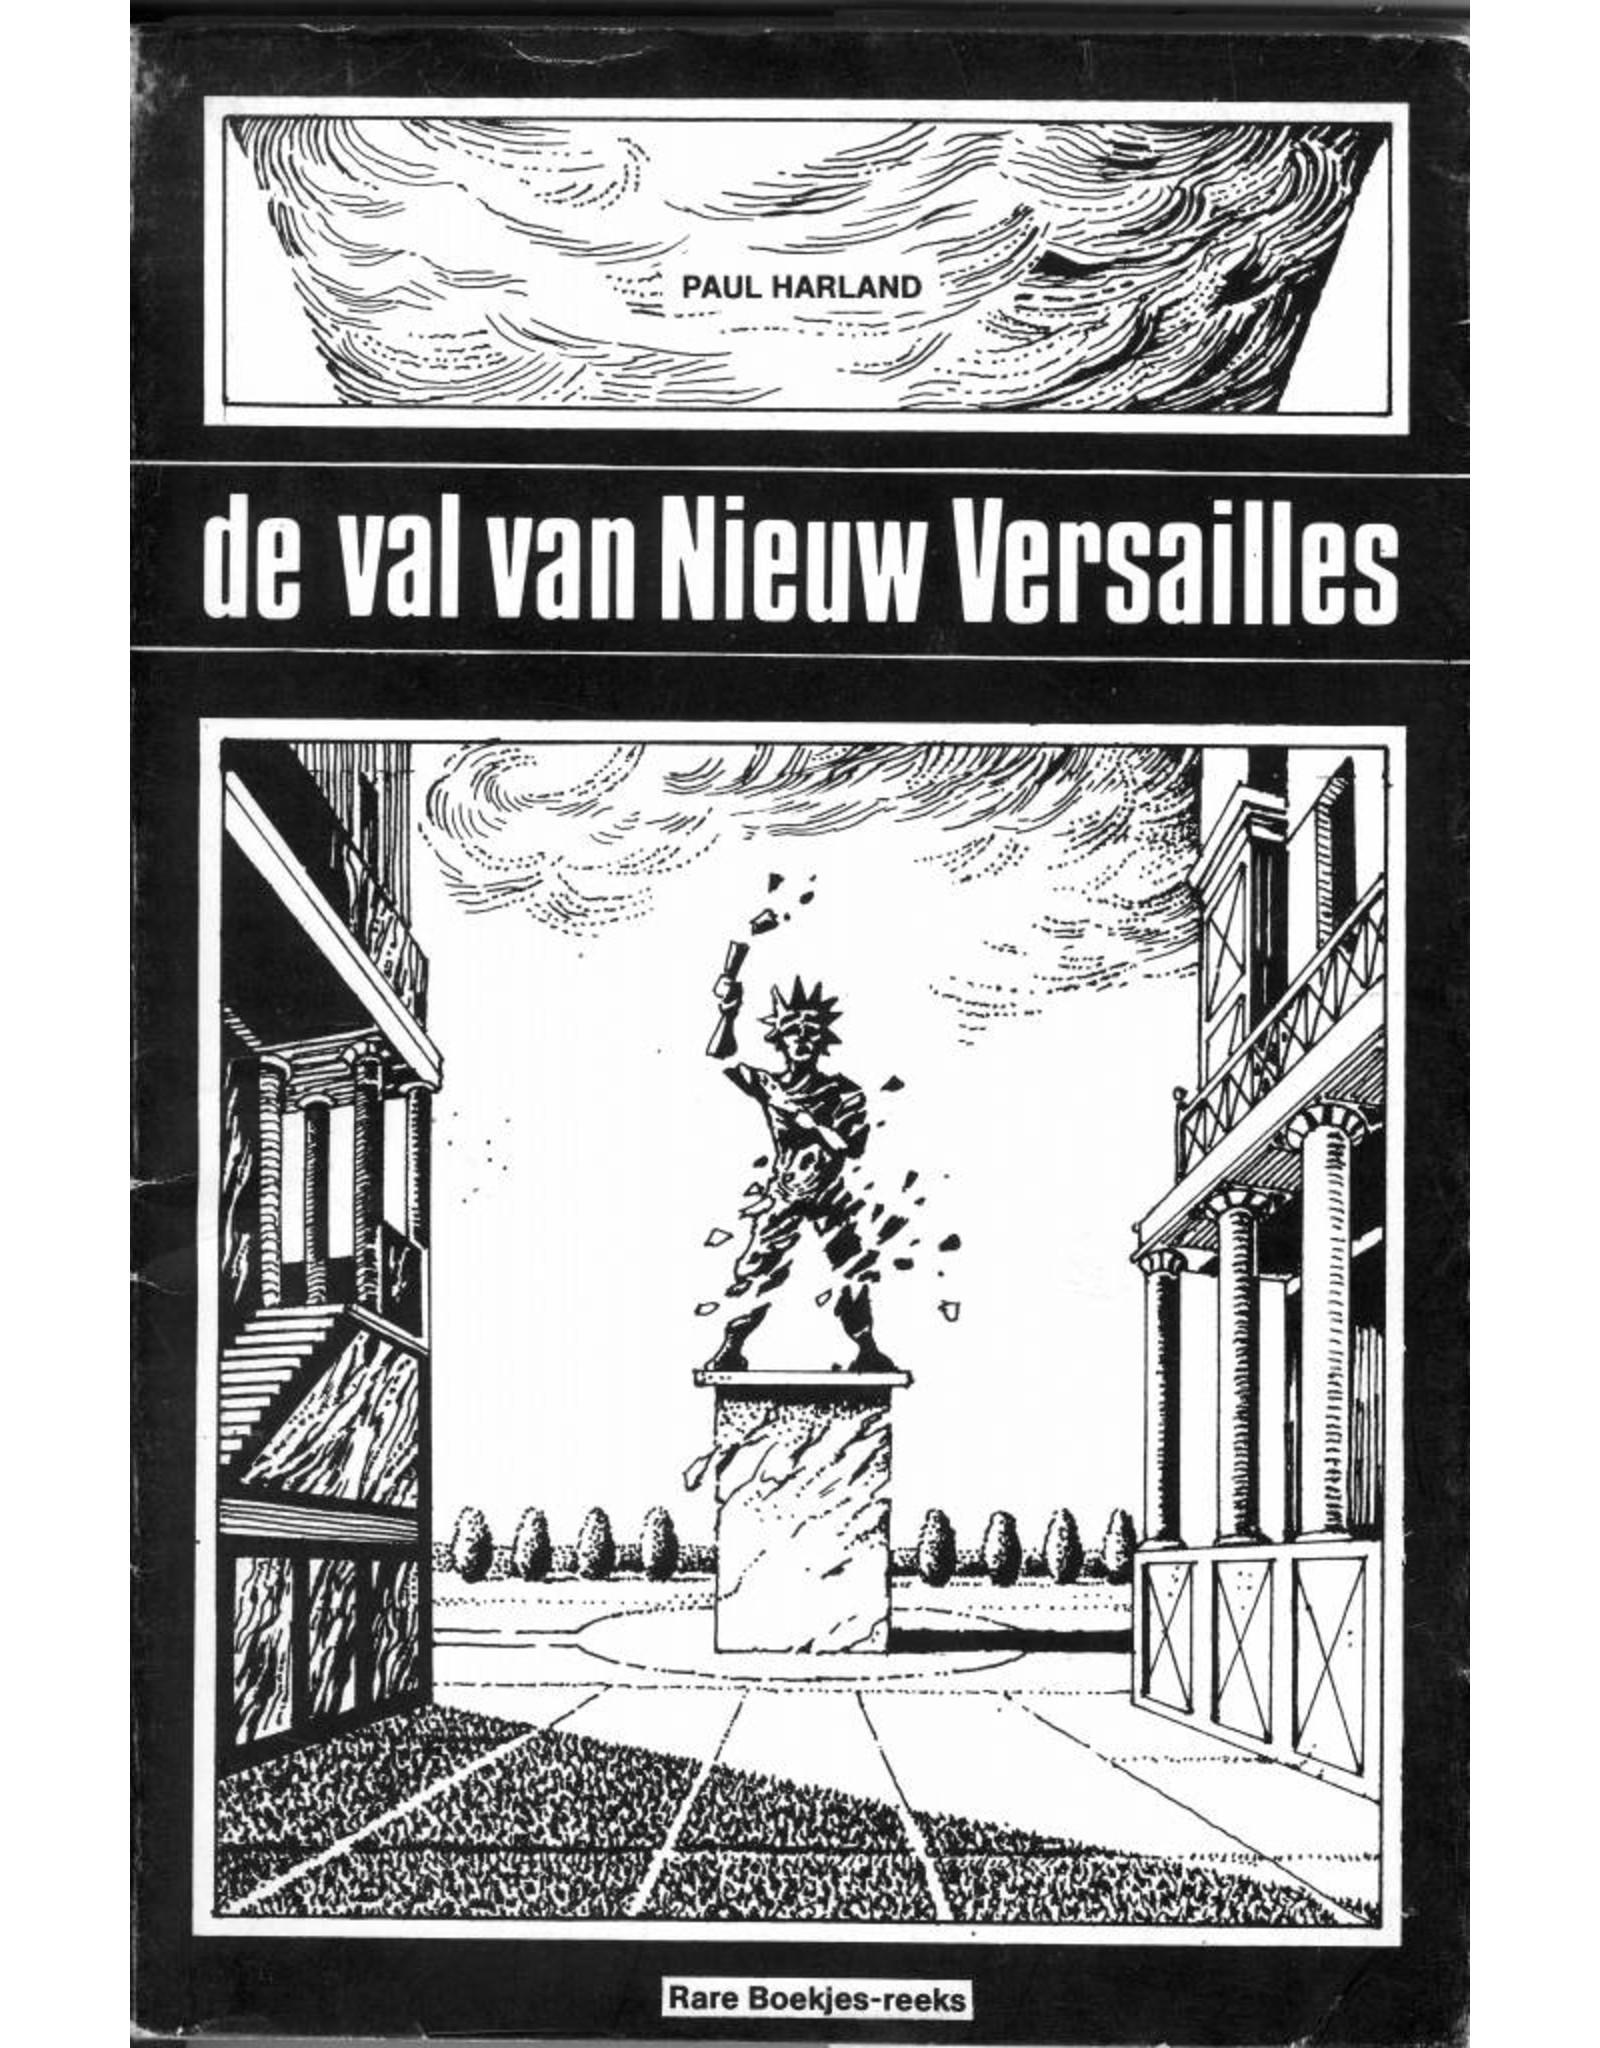 De val van Nieuw Versailles (Paul Harland)